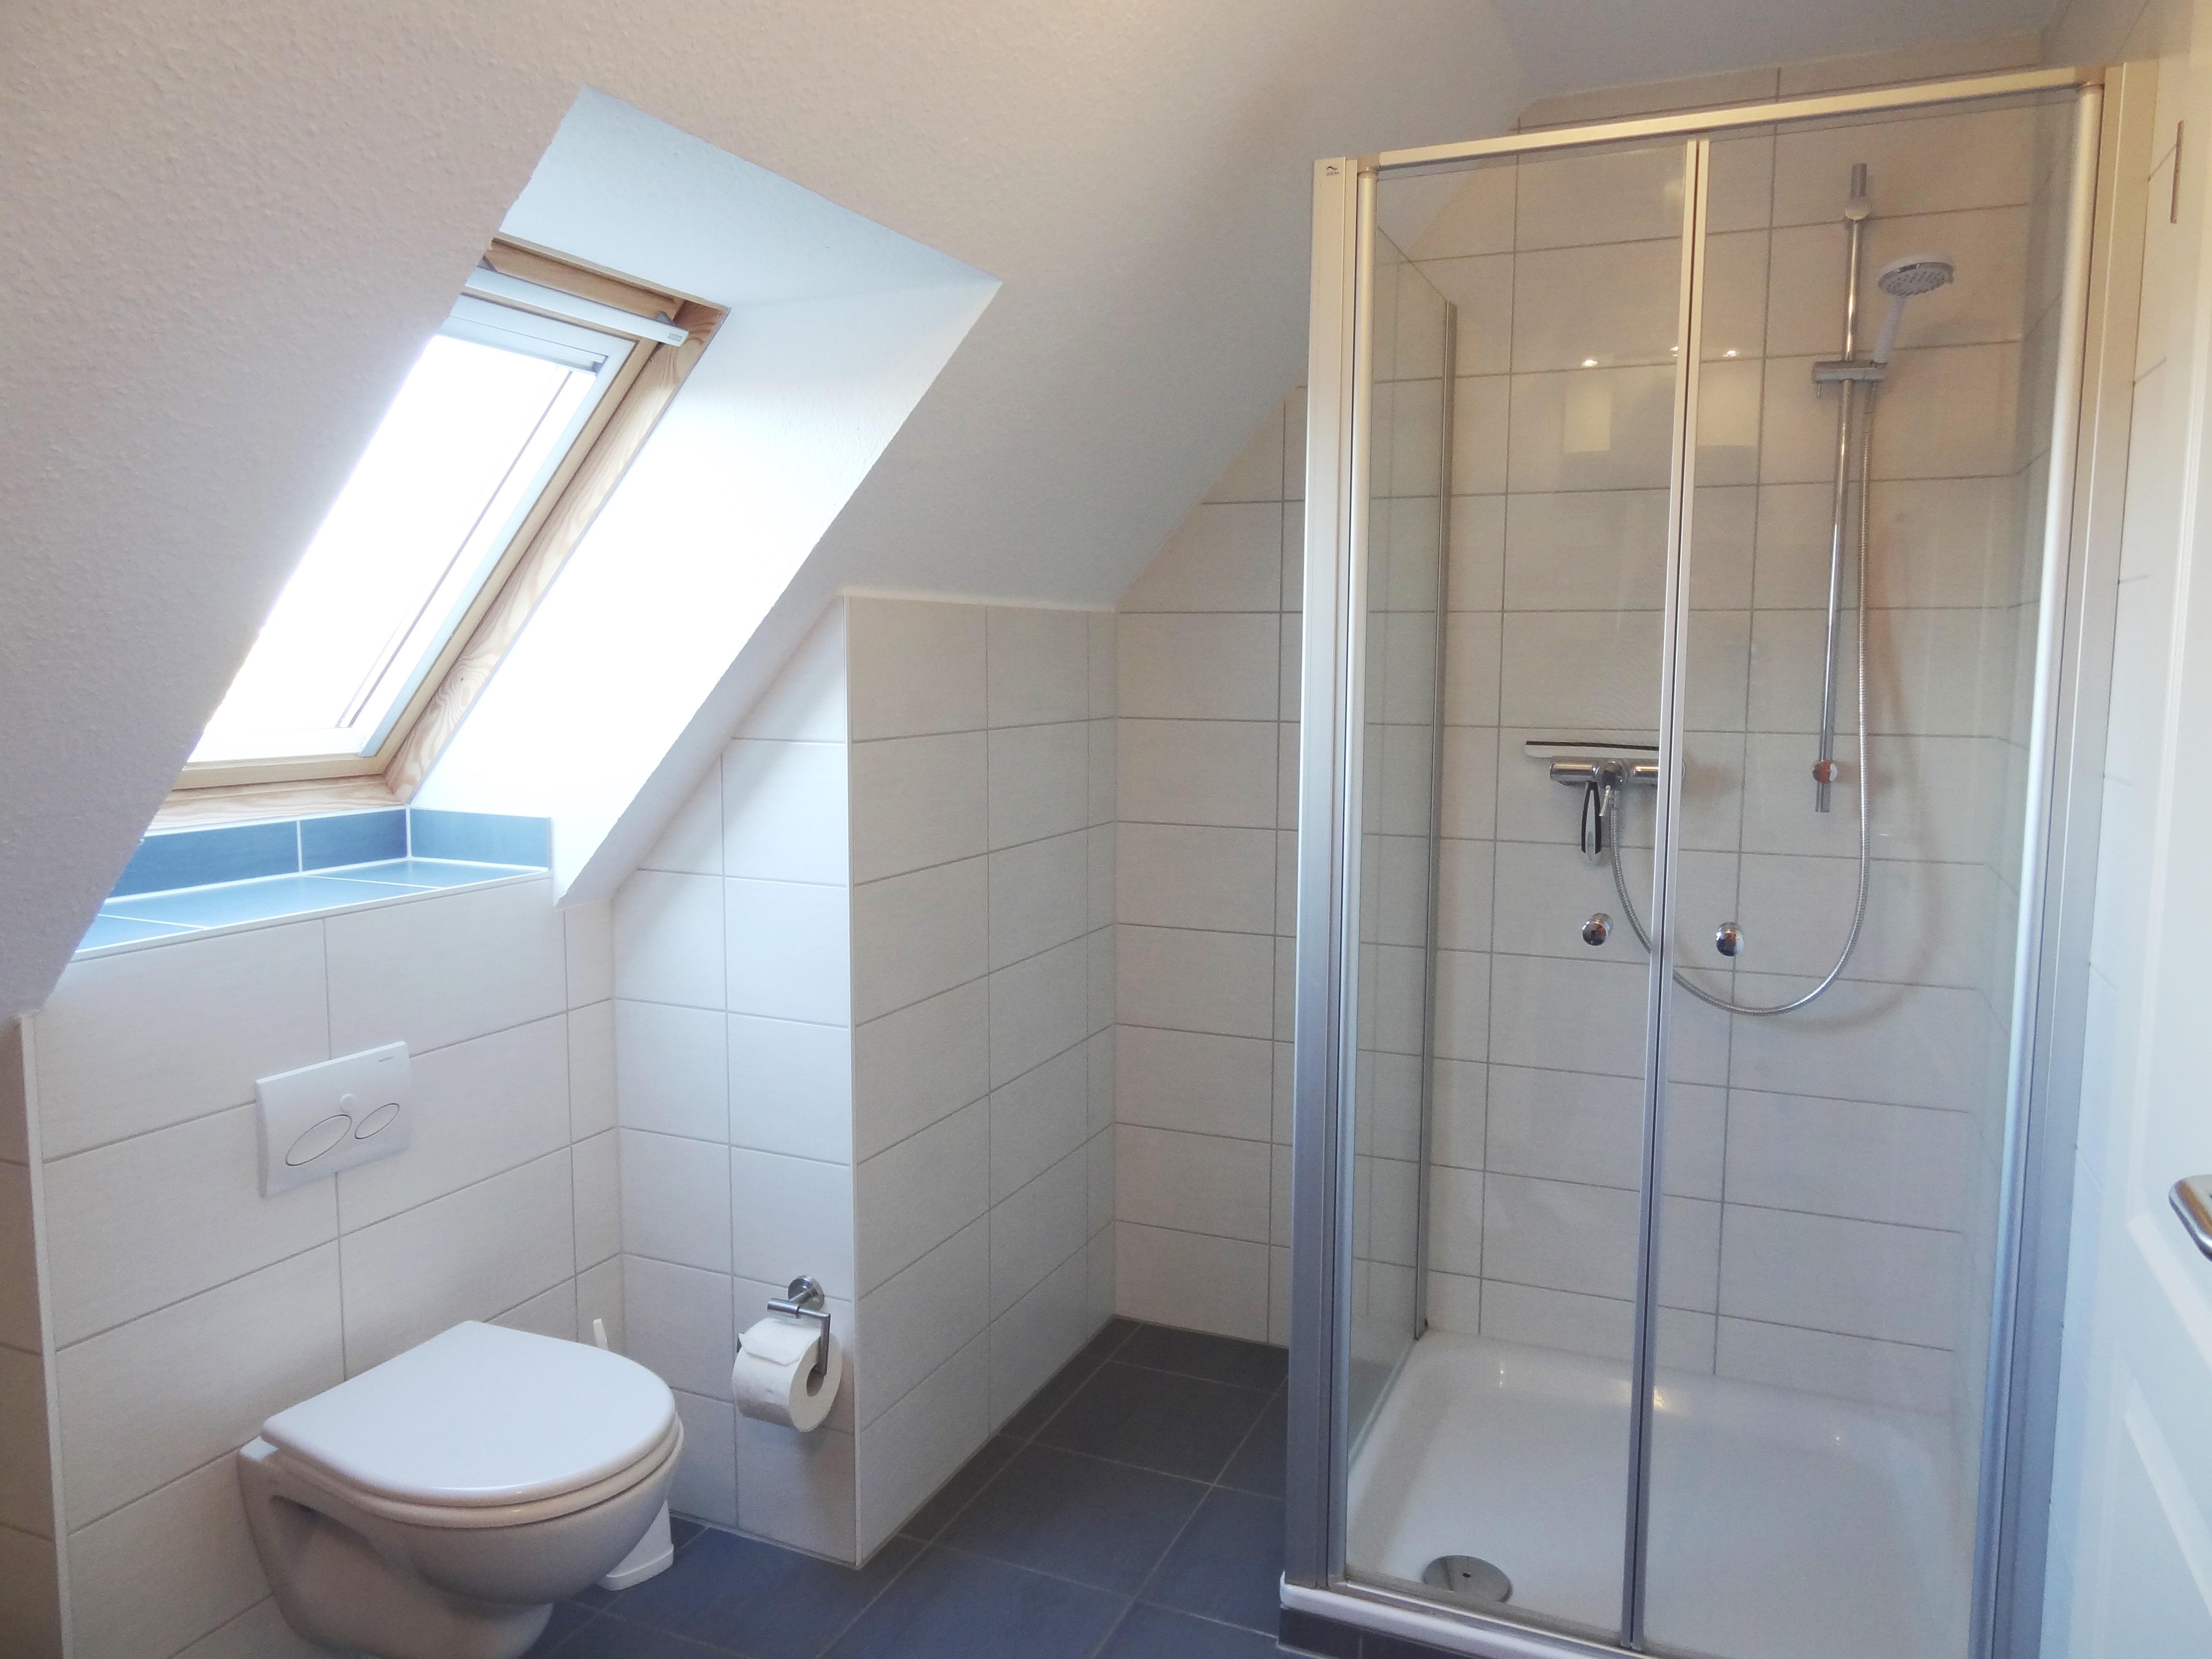 Badezimmer mit Dusche der Ferienwohnung Studio Seeblick von Ferienwohnungen Hass auf Fehmarn